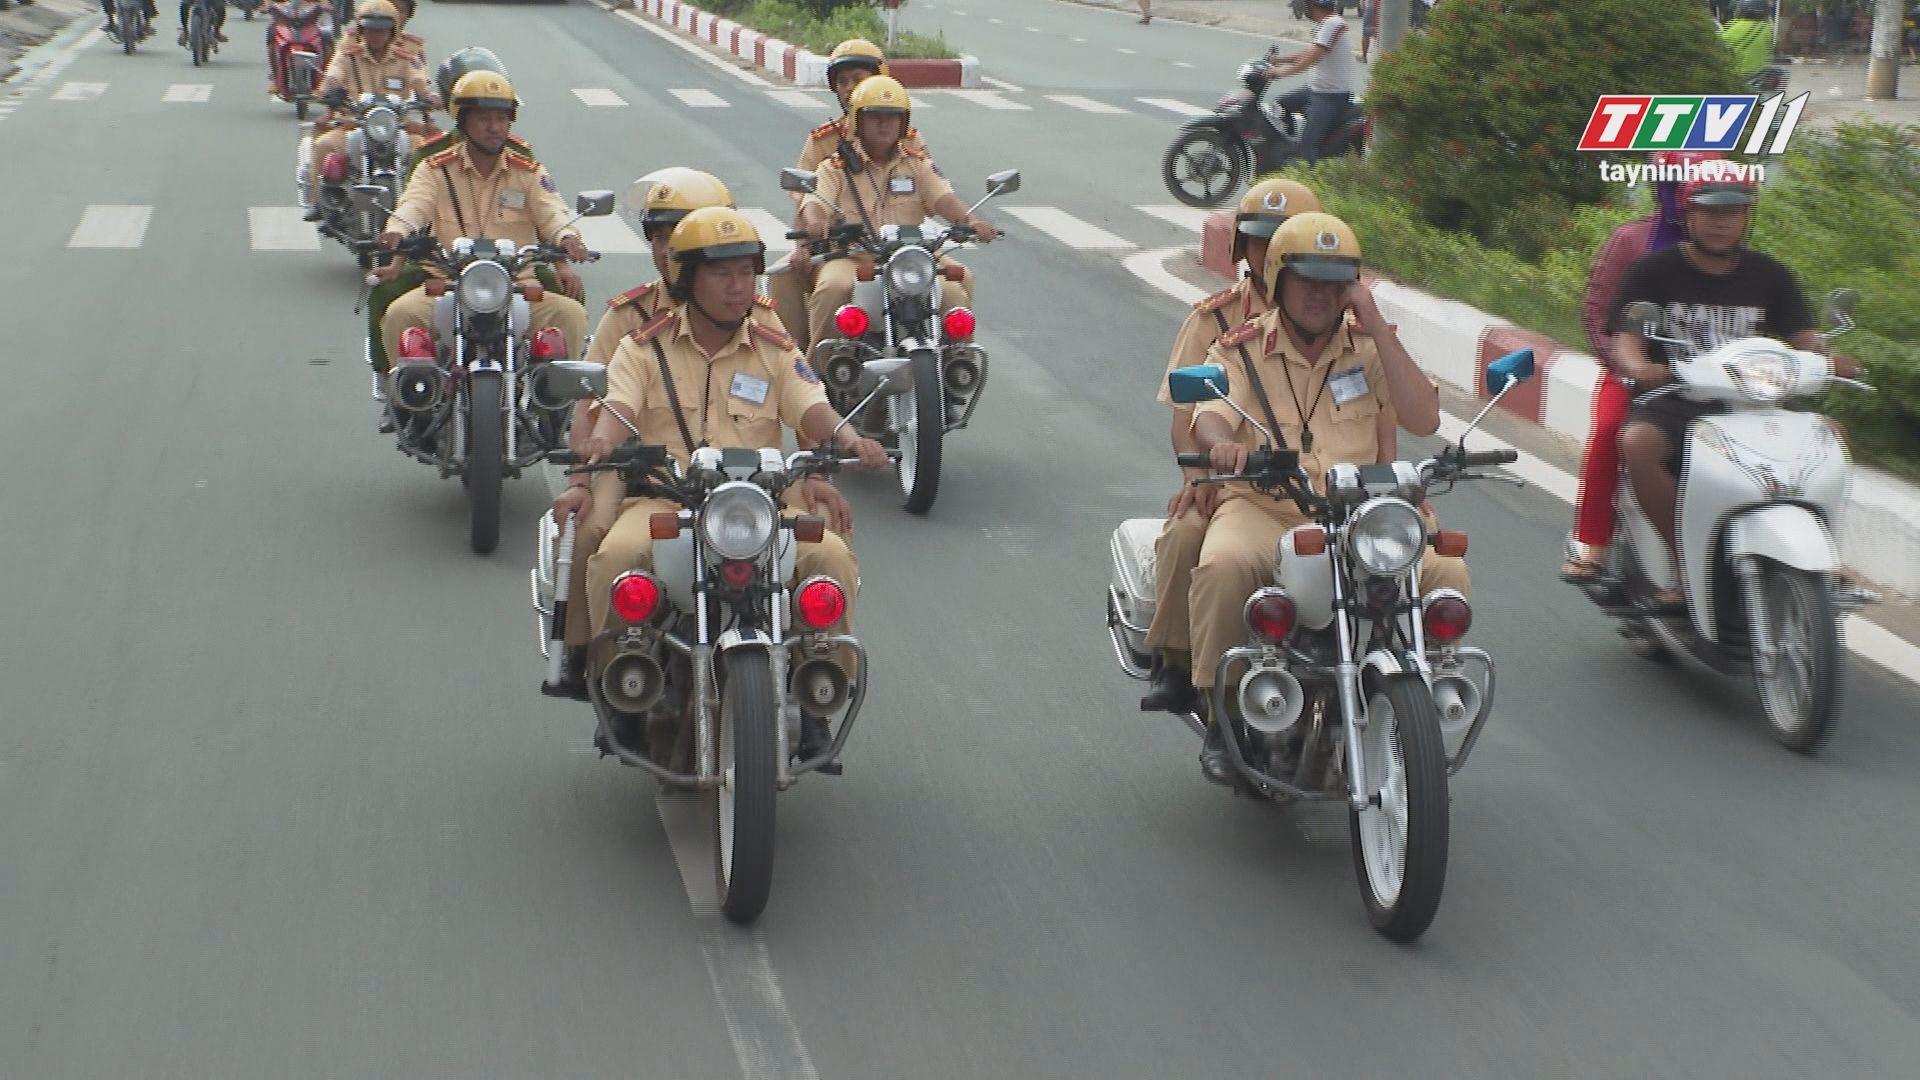 An toàn giao thông 04-01-2020 | Tin tức hôm nay | Tây Ninh TV